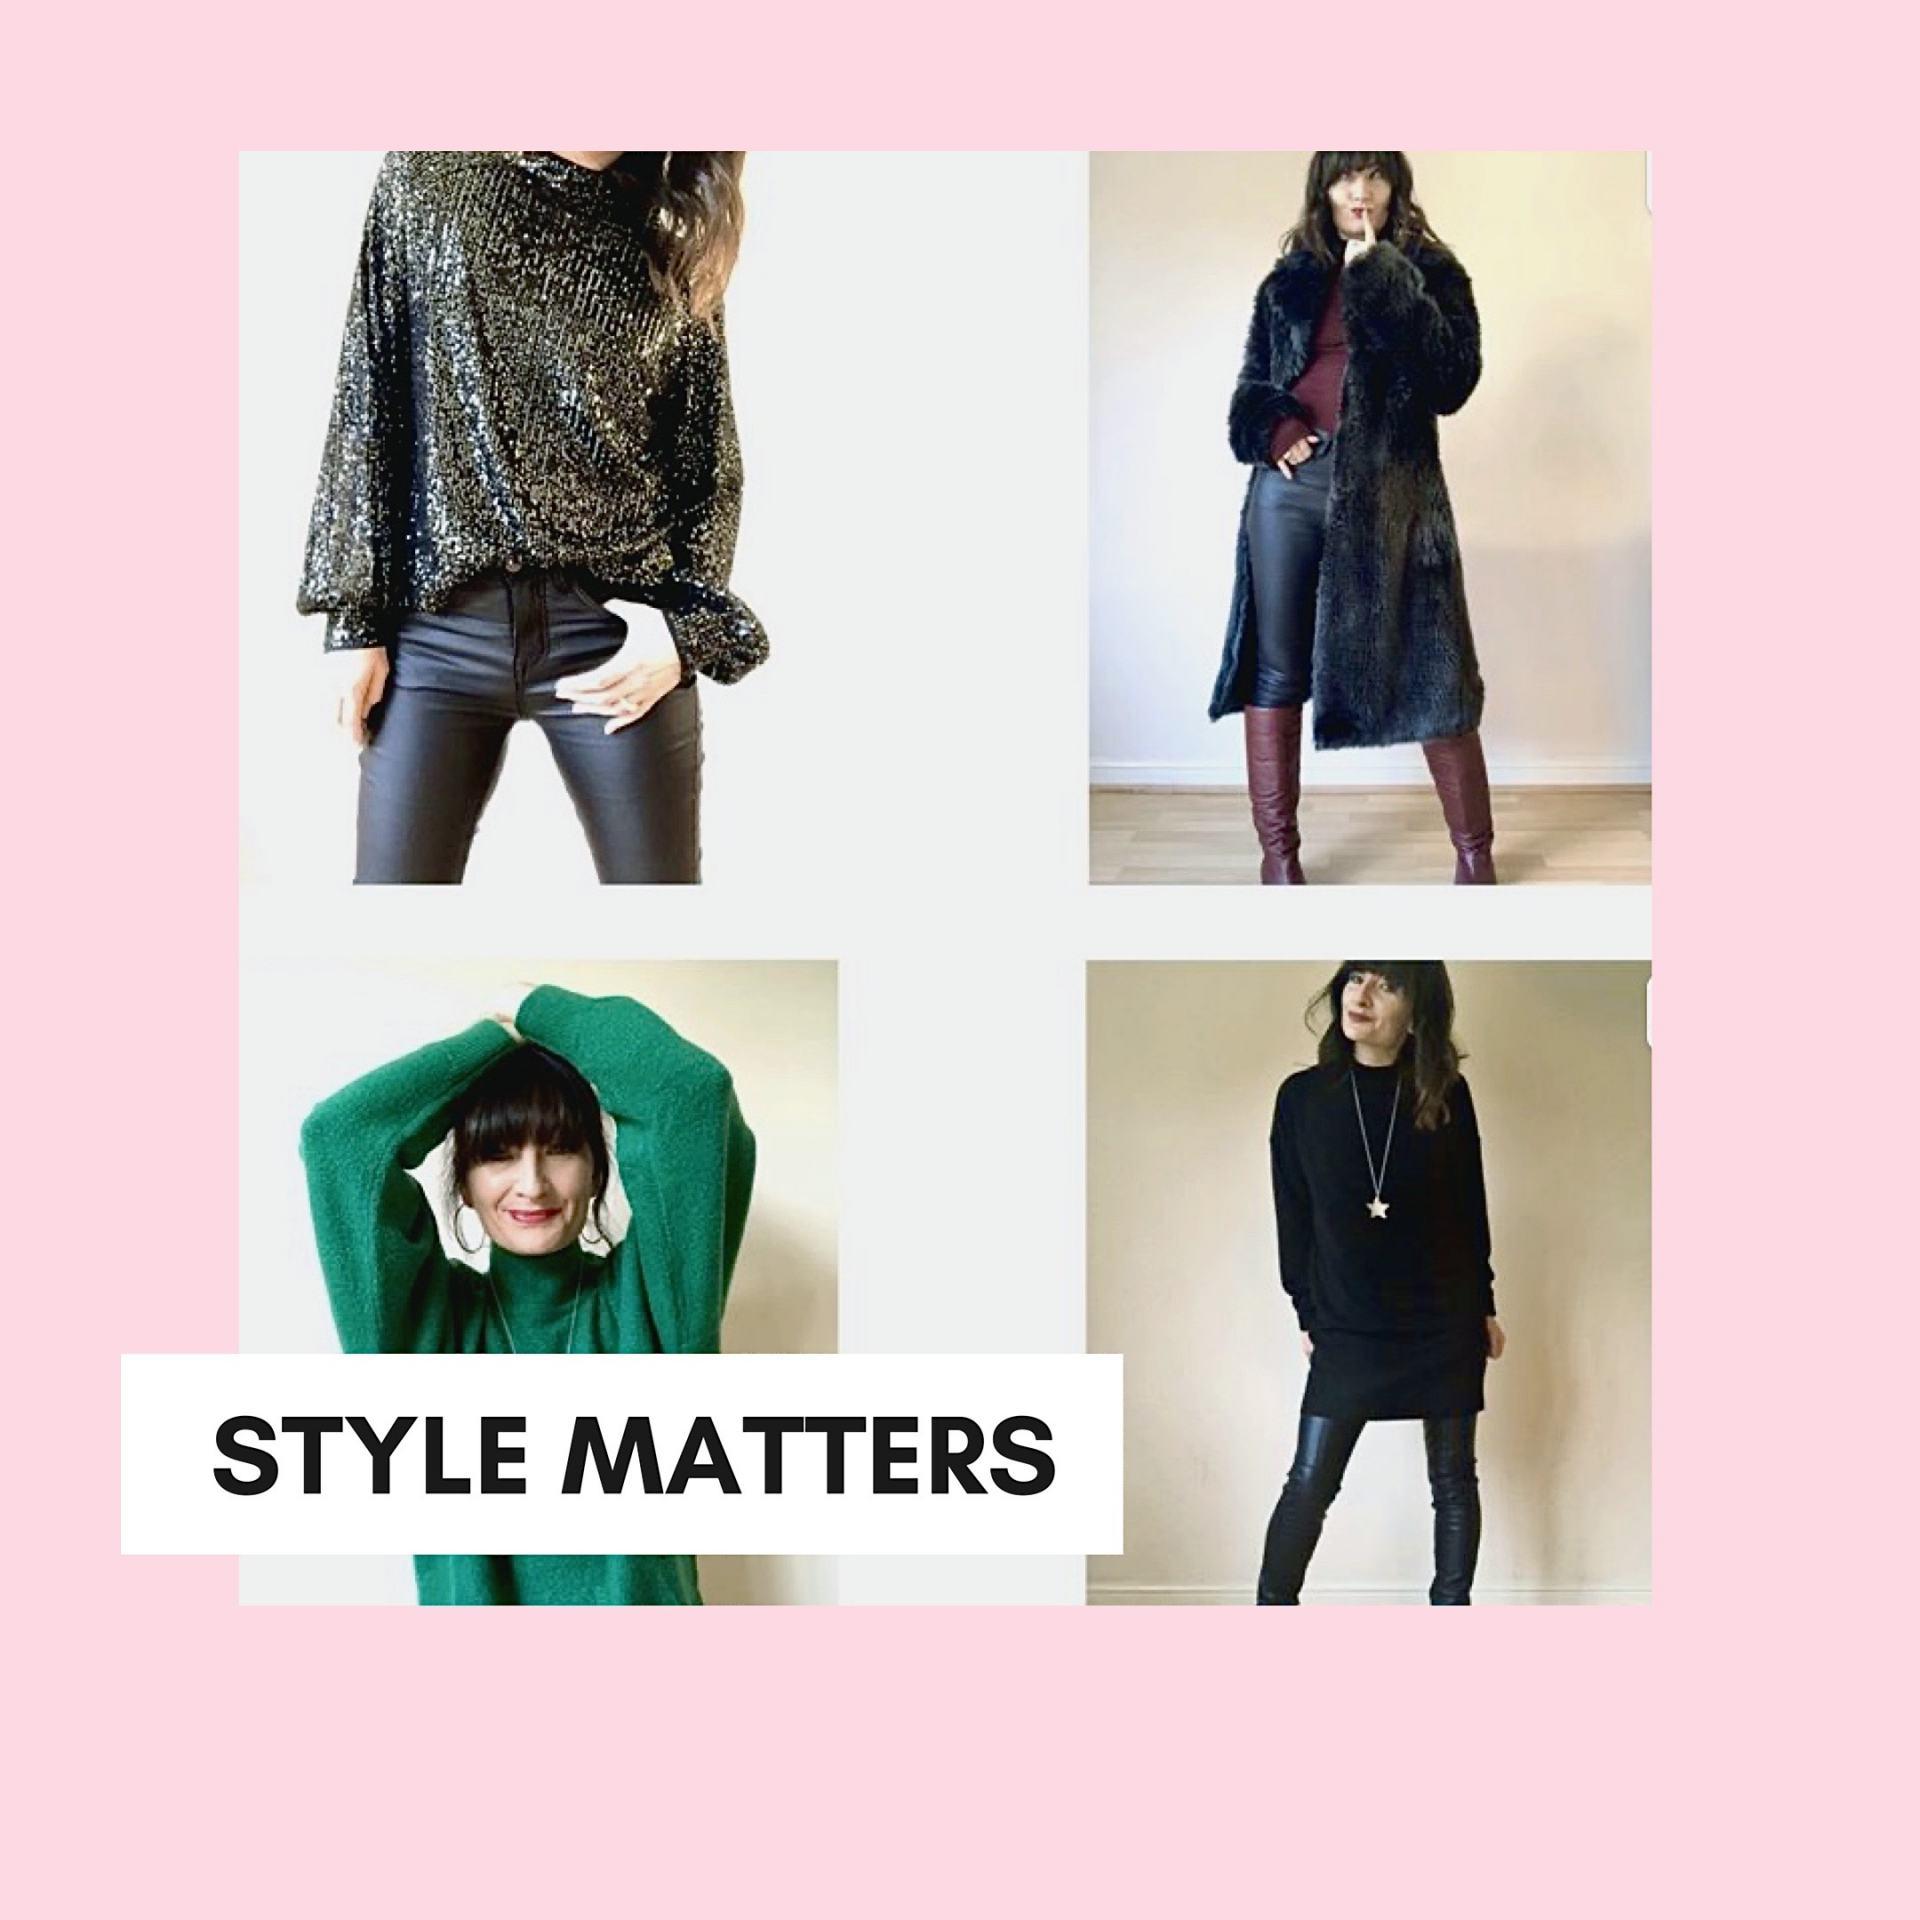 Mel wall style matters